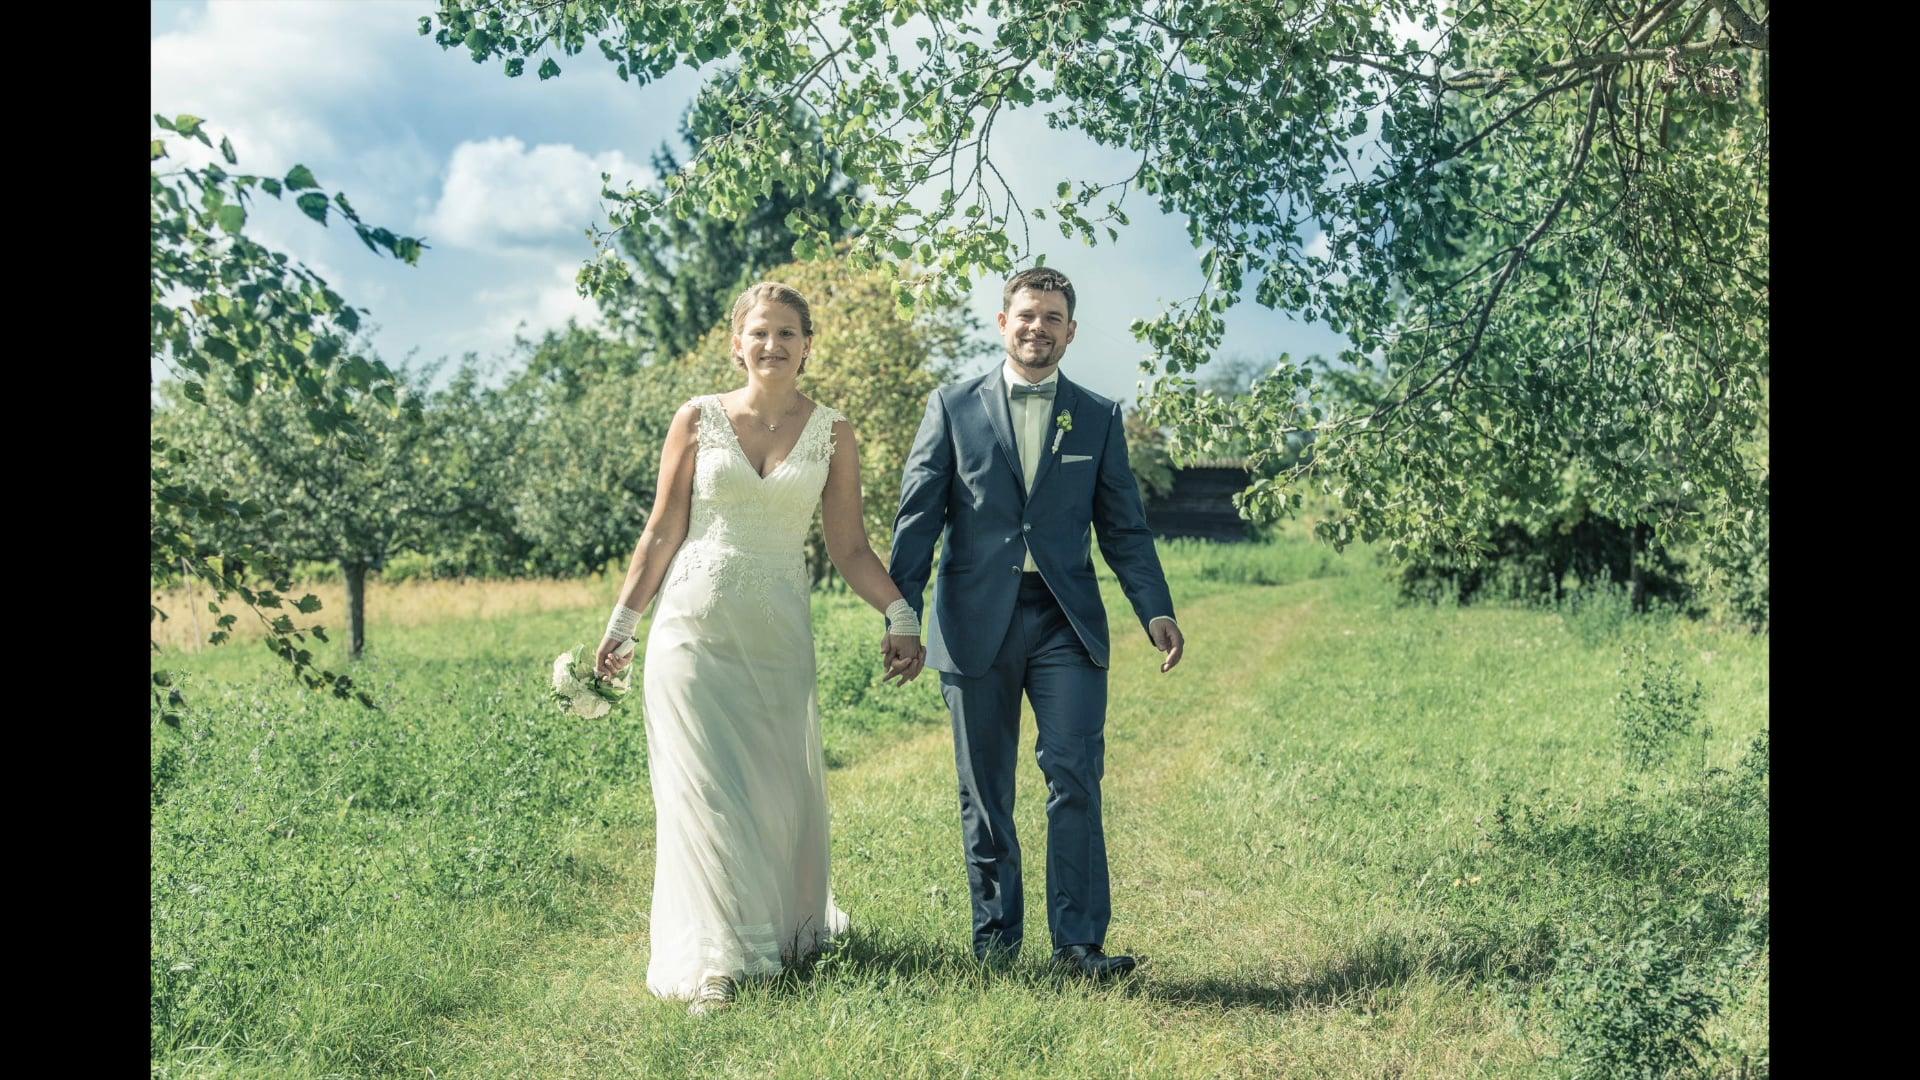 Lisa-Marie & Johannes